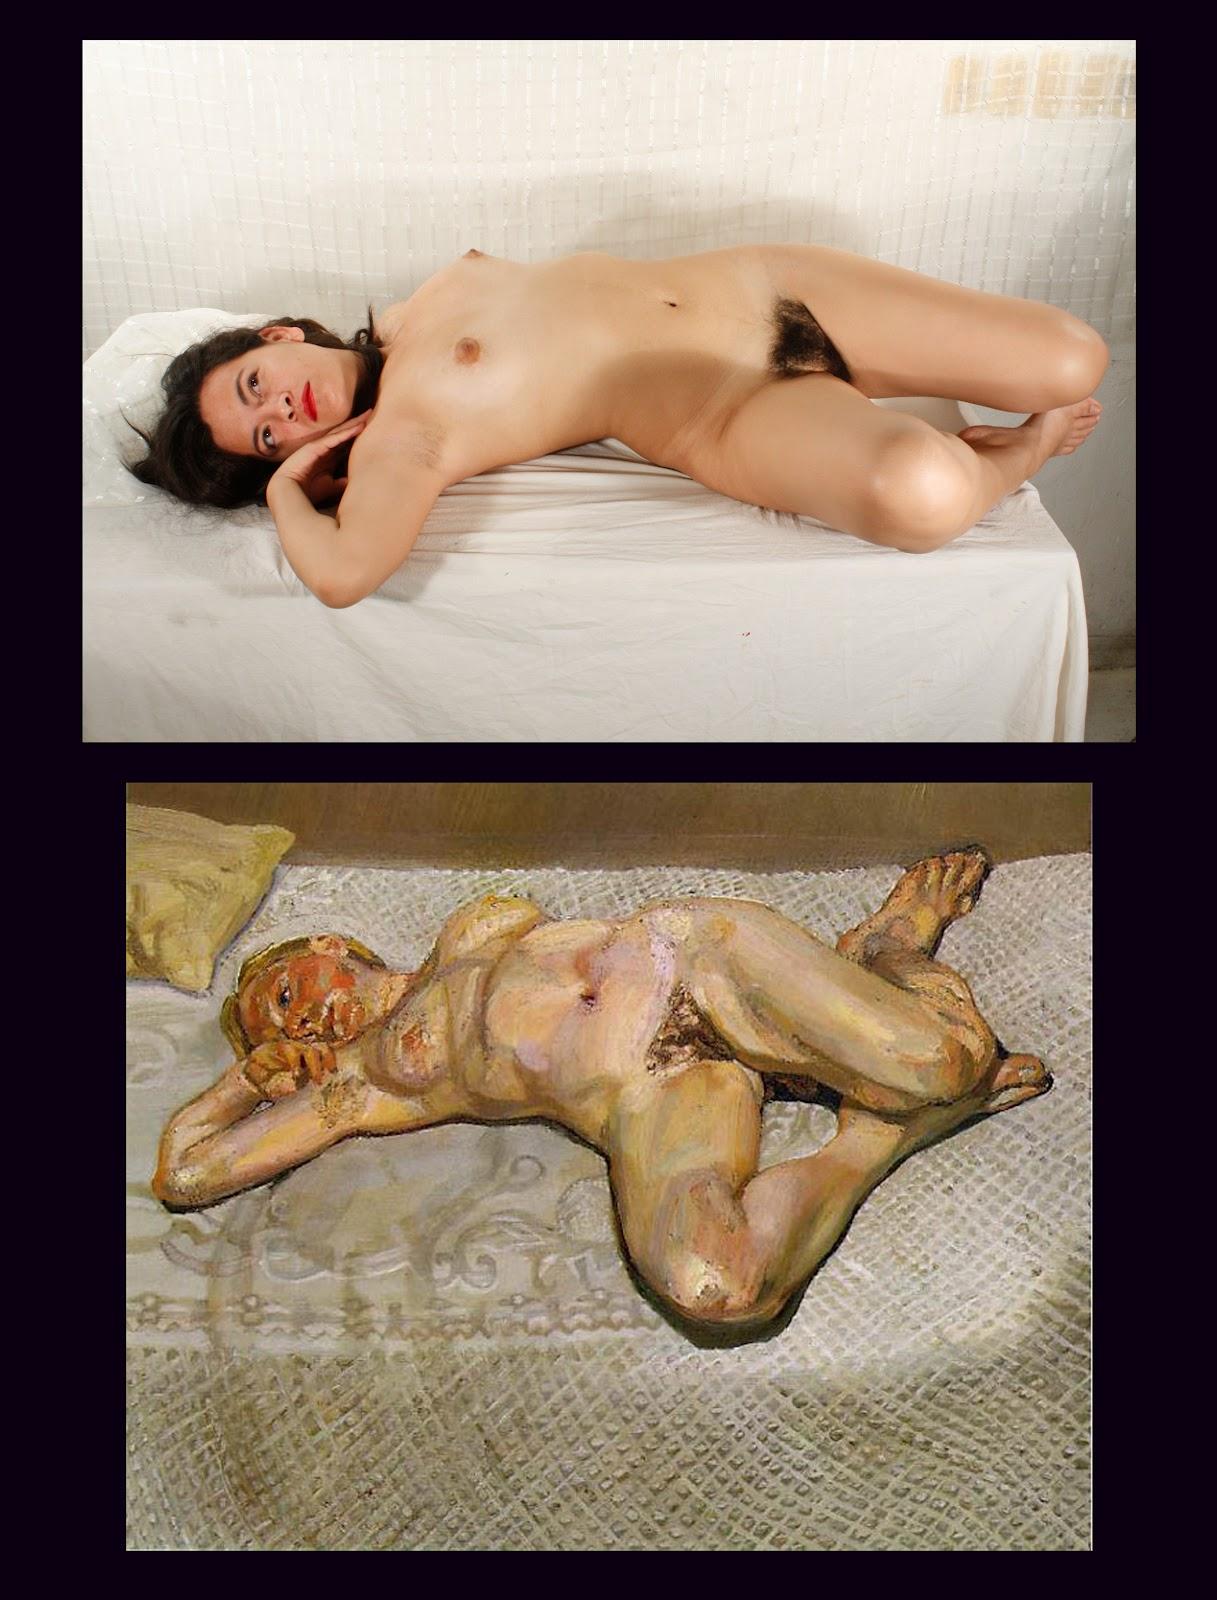 http://3.bp.blogspot.com/-ovHWp_x7aCE/T9WEdHy_JBI/AAAAAAAAATM/TXsvOlT4YSI/s1600/Lucian+Freud+4.jpg